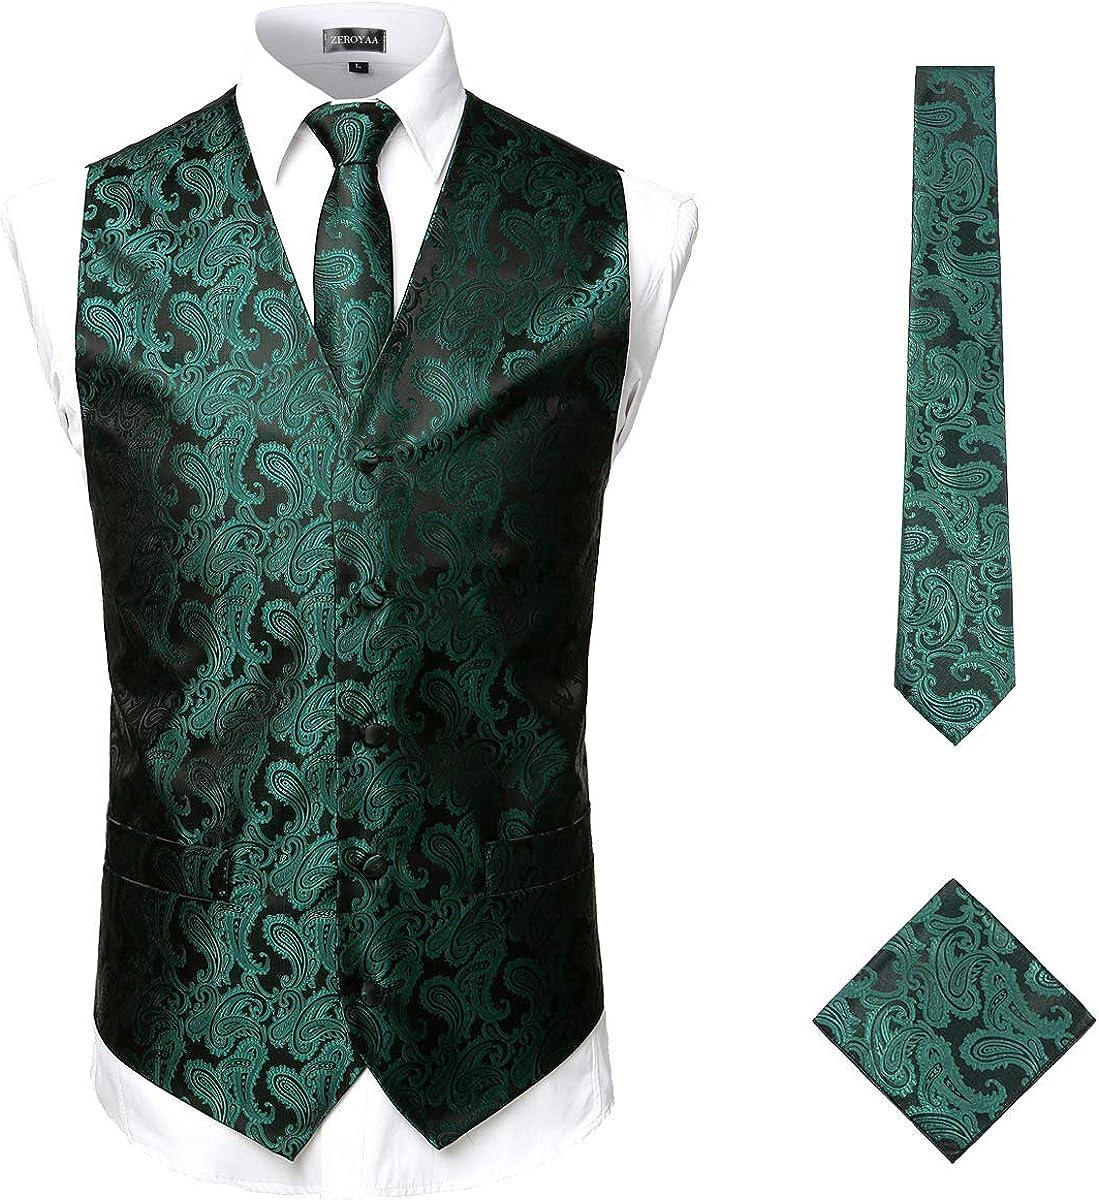 ZEROYAA Men's 3pc Paisley Jacquard Vest Set Necktie Pocket Square Set for Suit or Tuxedo